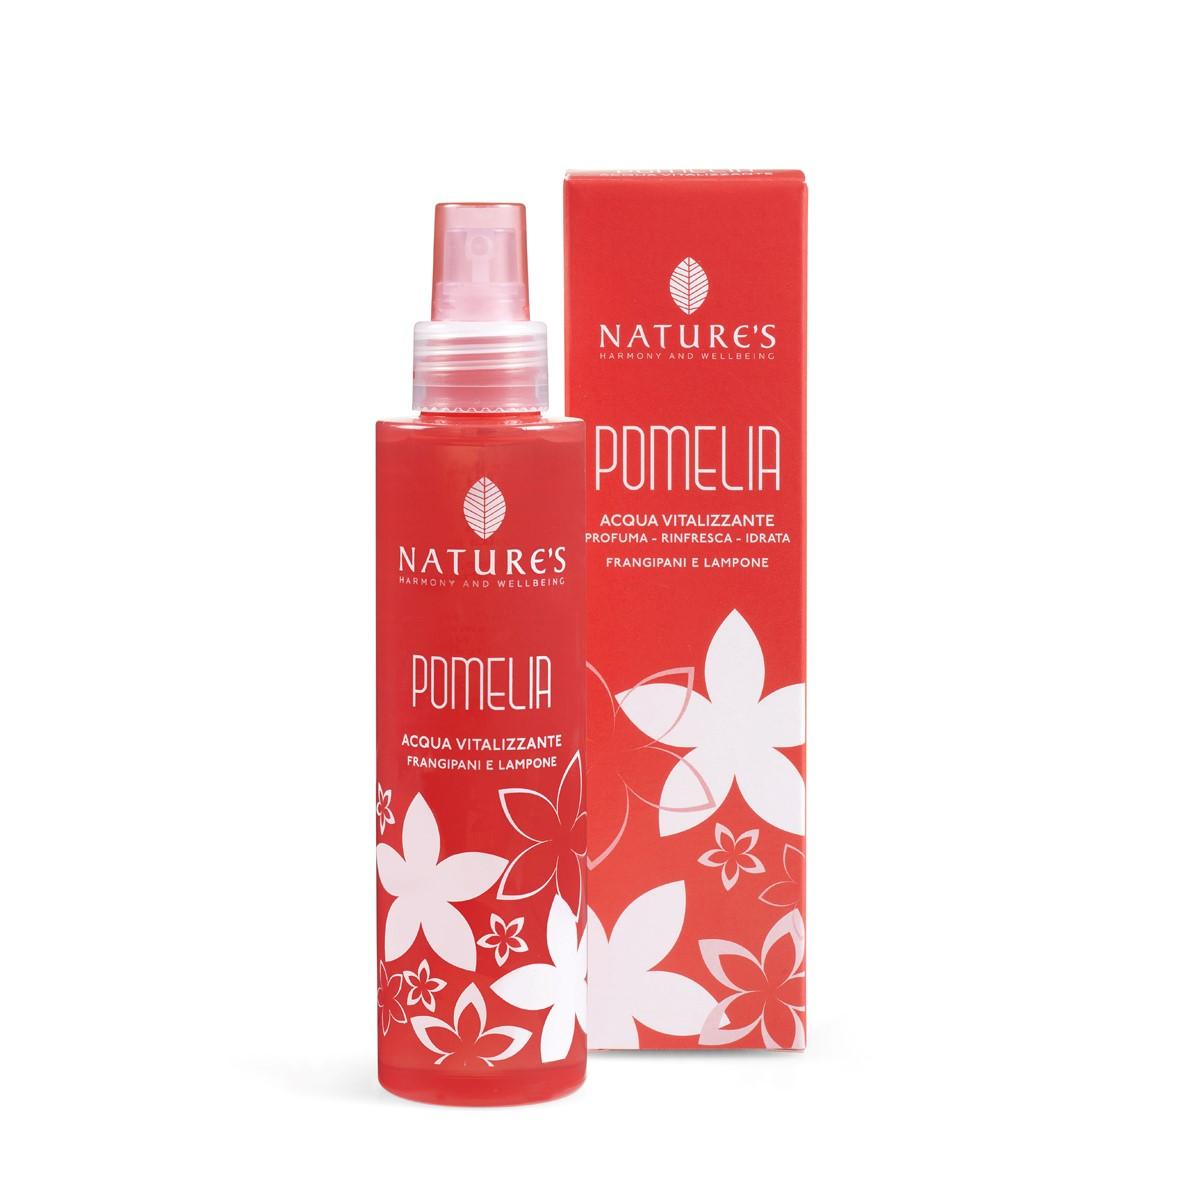 Acqua Vitalizzante Pomelia Nature's